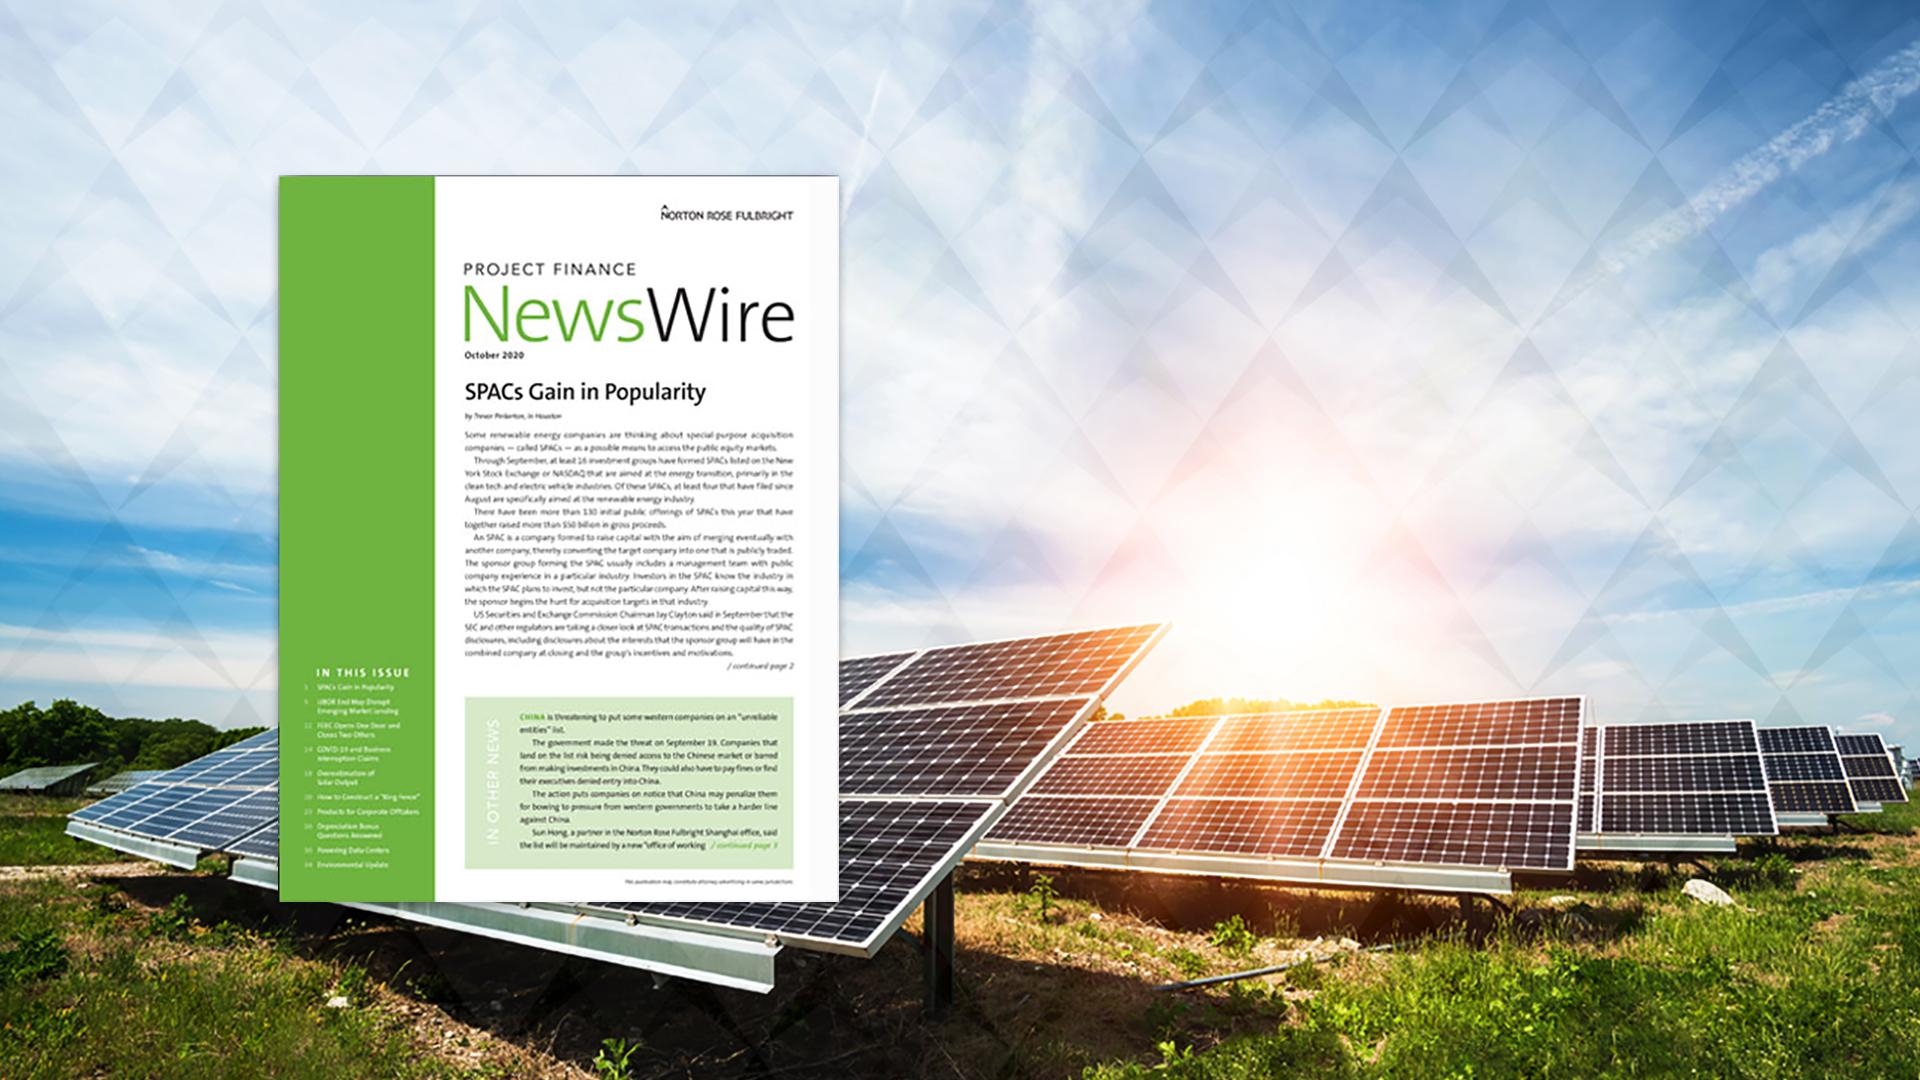 Project Finance NewsWire